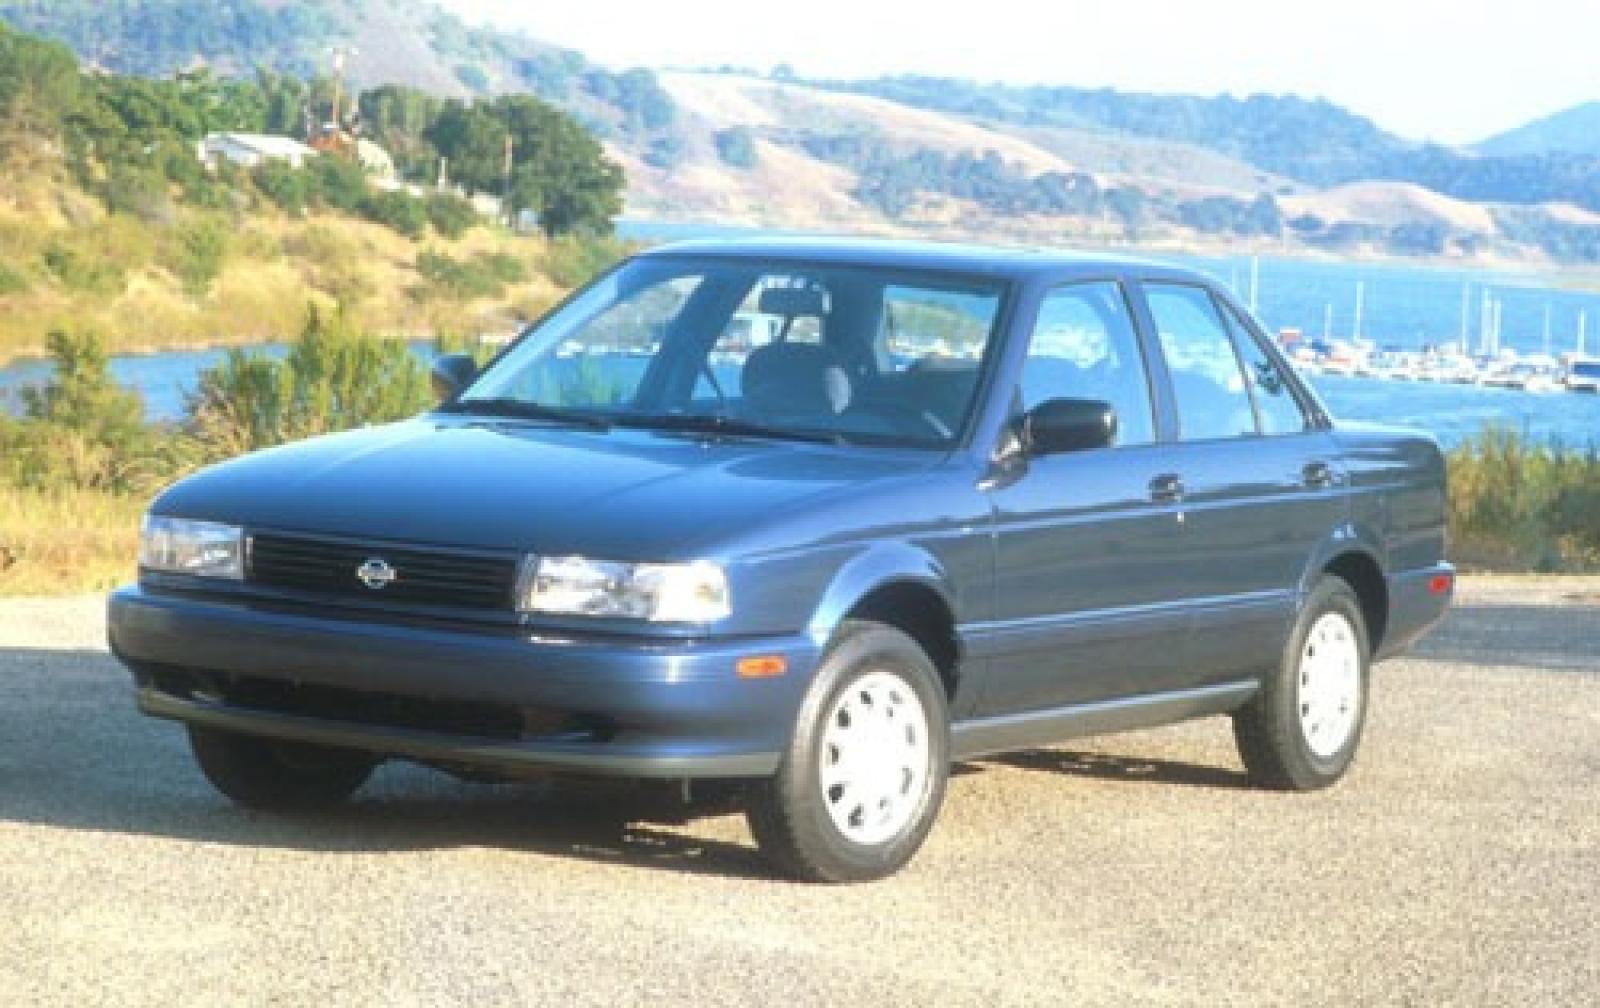 1994 Nissan Sentra #1 800 1024 1280 1600 origin